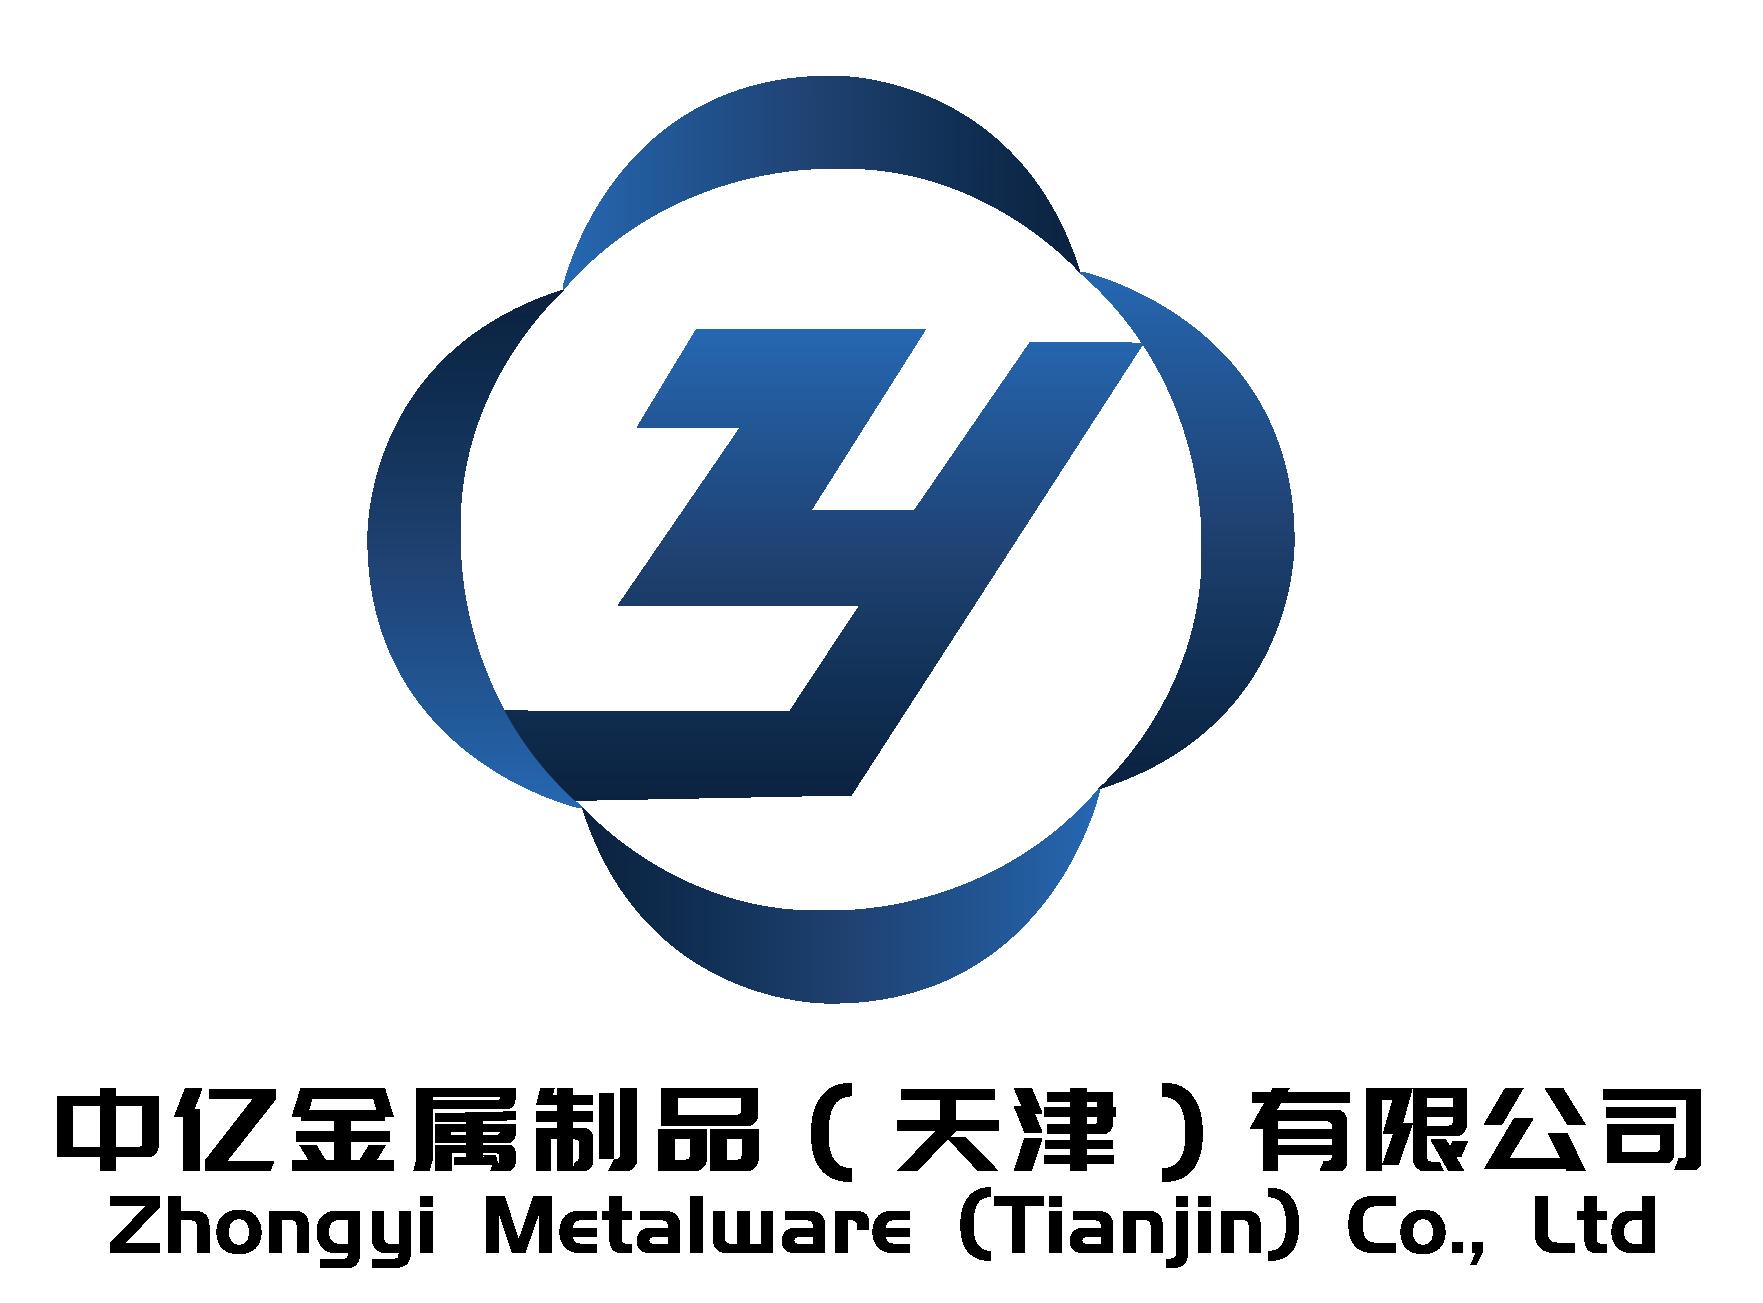 ZHONGYI METALWARE (TIANJIN) CO., LTD